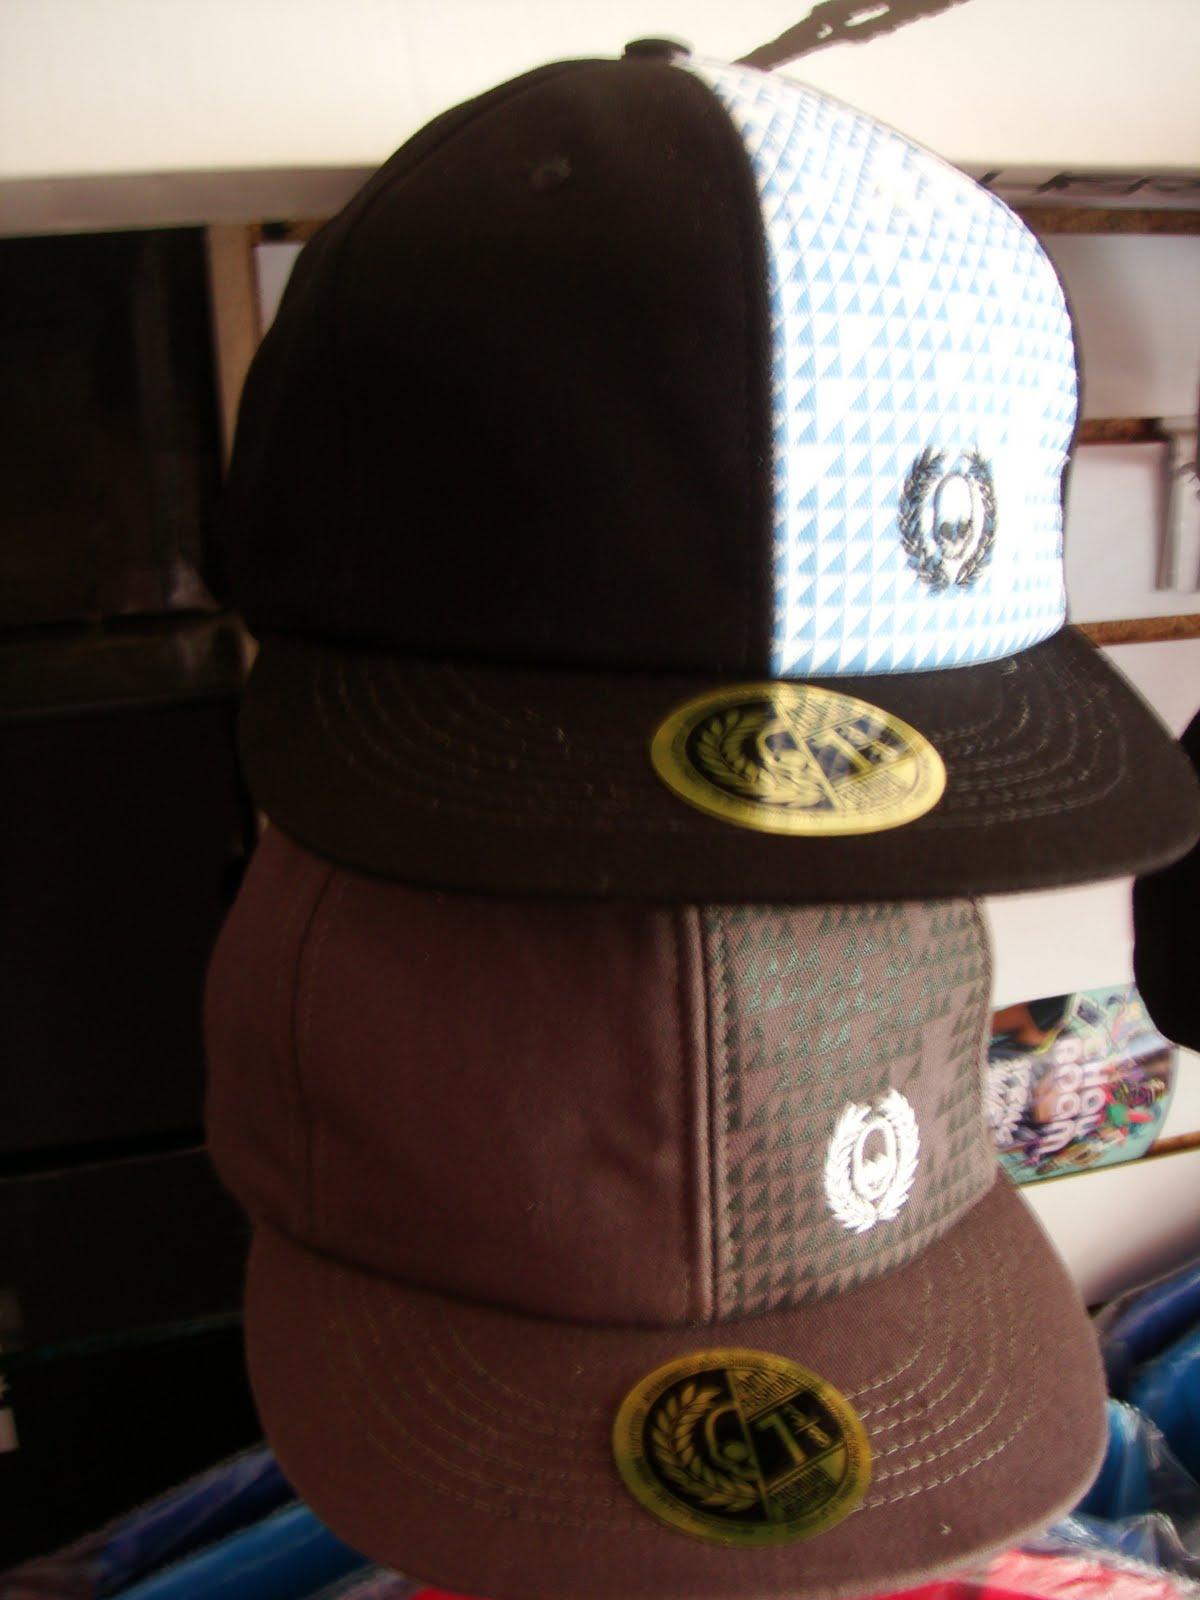 SEKTAskateshop  - Antifashion Gorras   Hats e55f84ed9a1